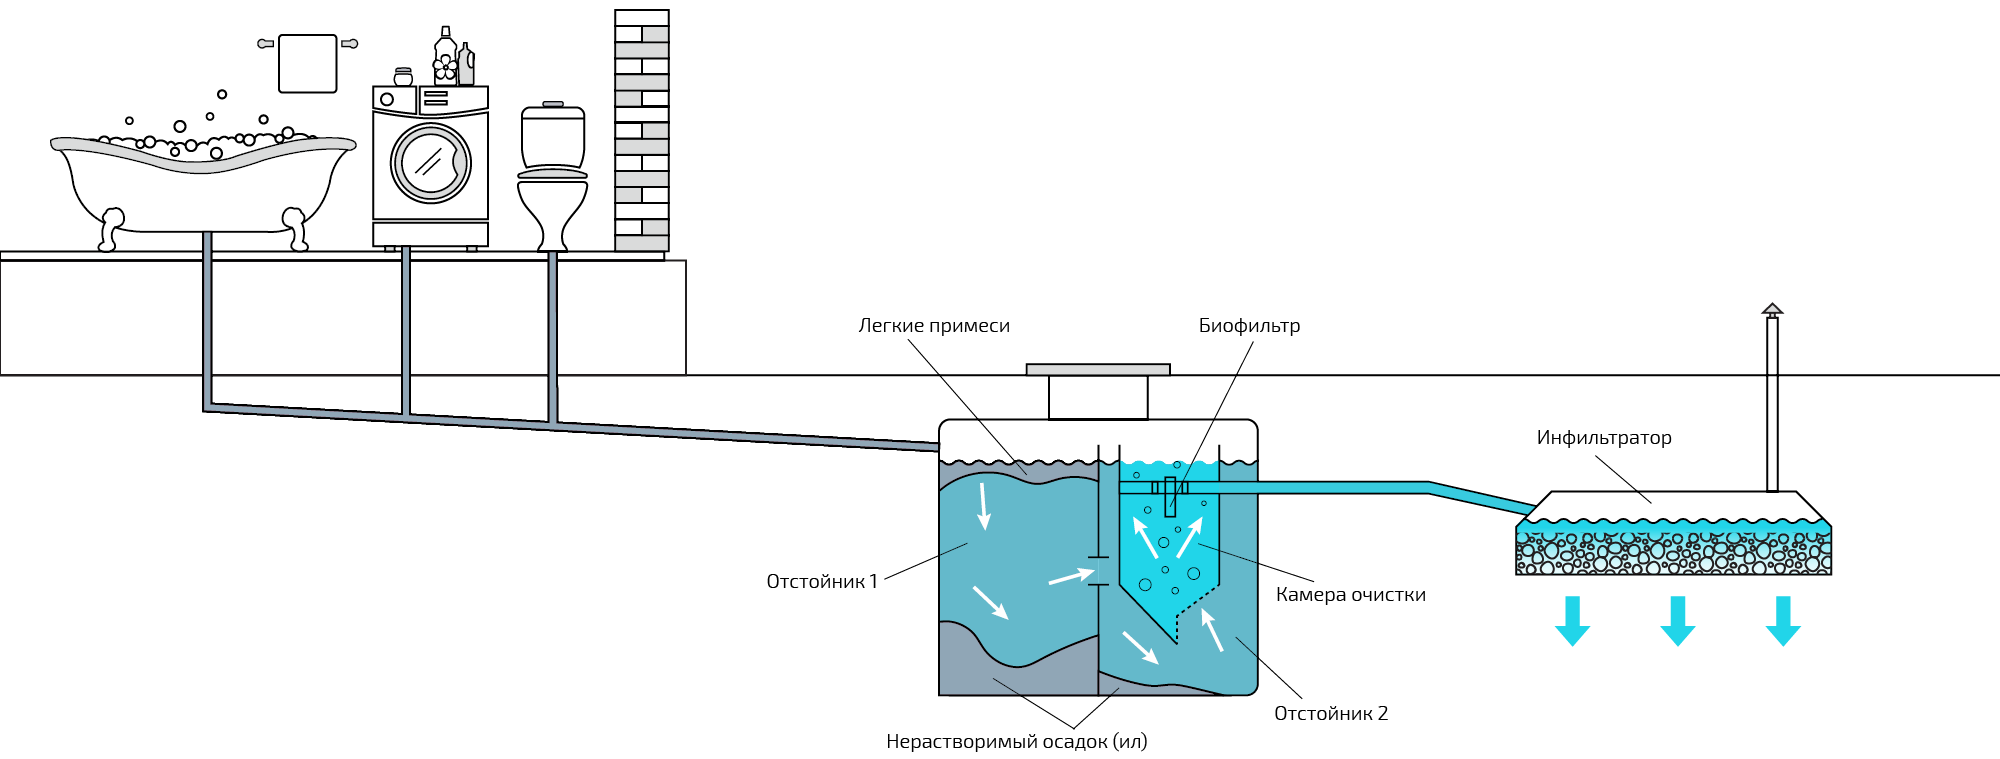 Антисептик для выгребных ям - правильная очистка канализации